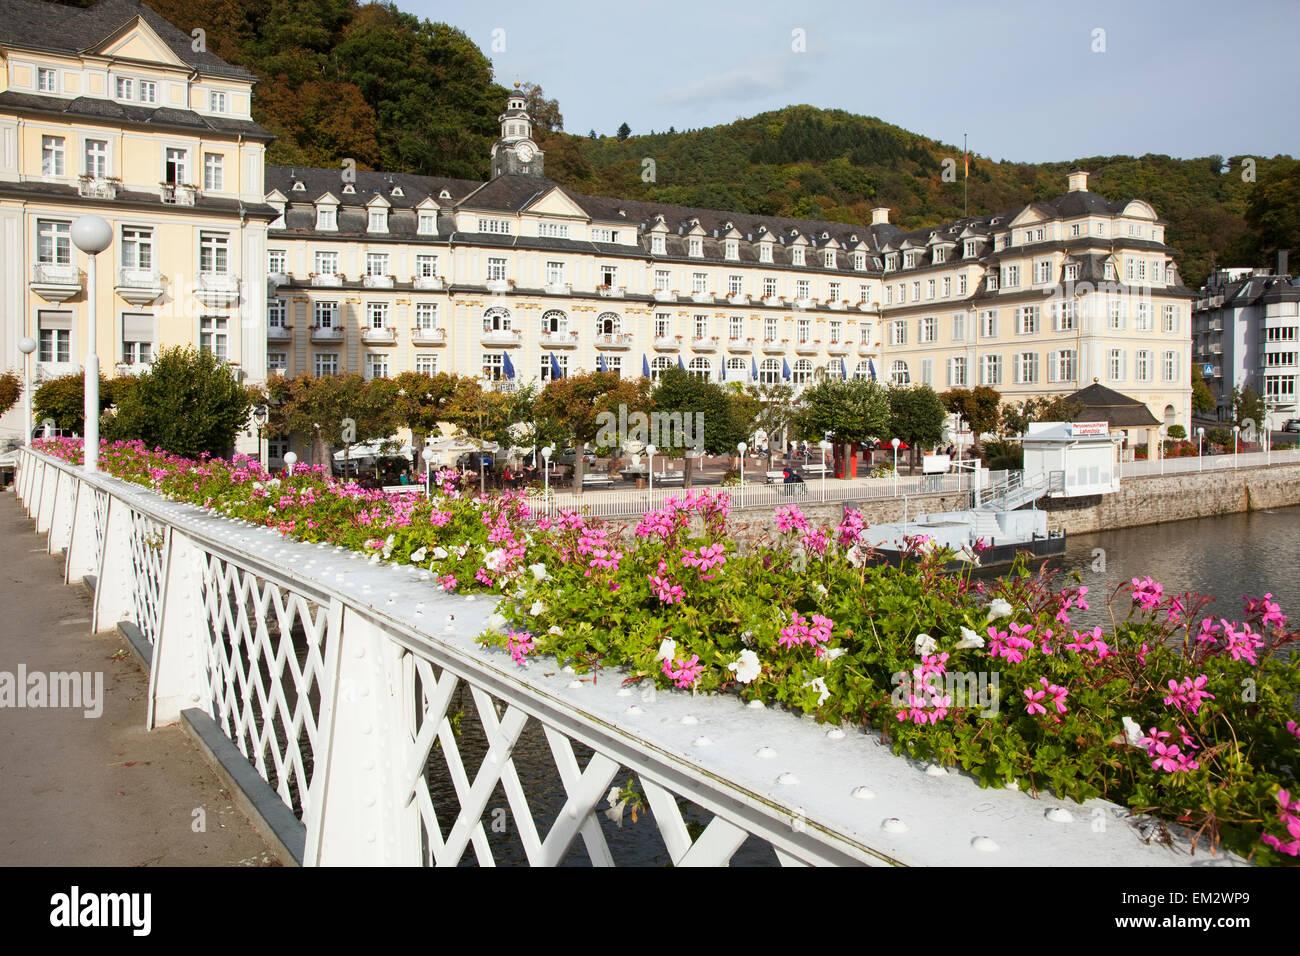 Blühende Blumen Im Pflanzer Auf Dem Geländer Der Promenade Entlang